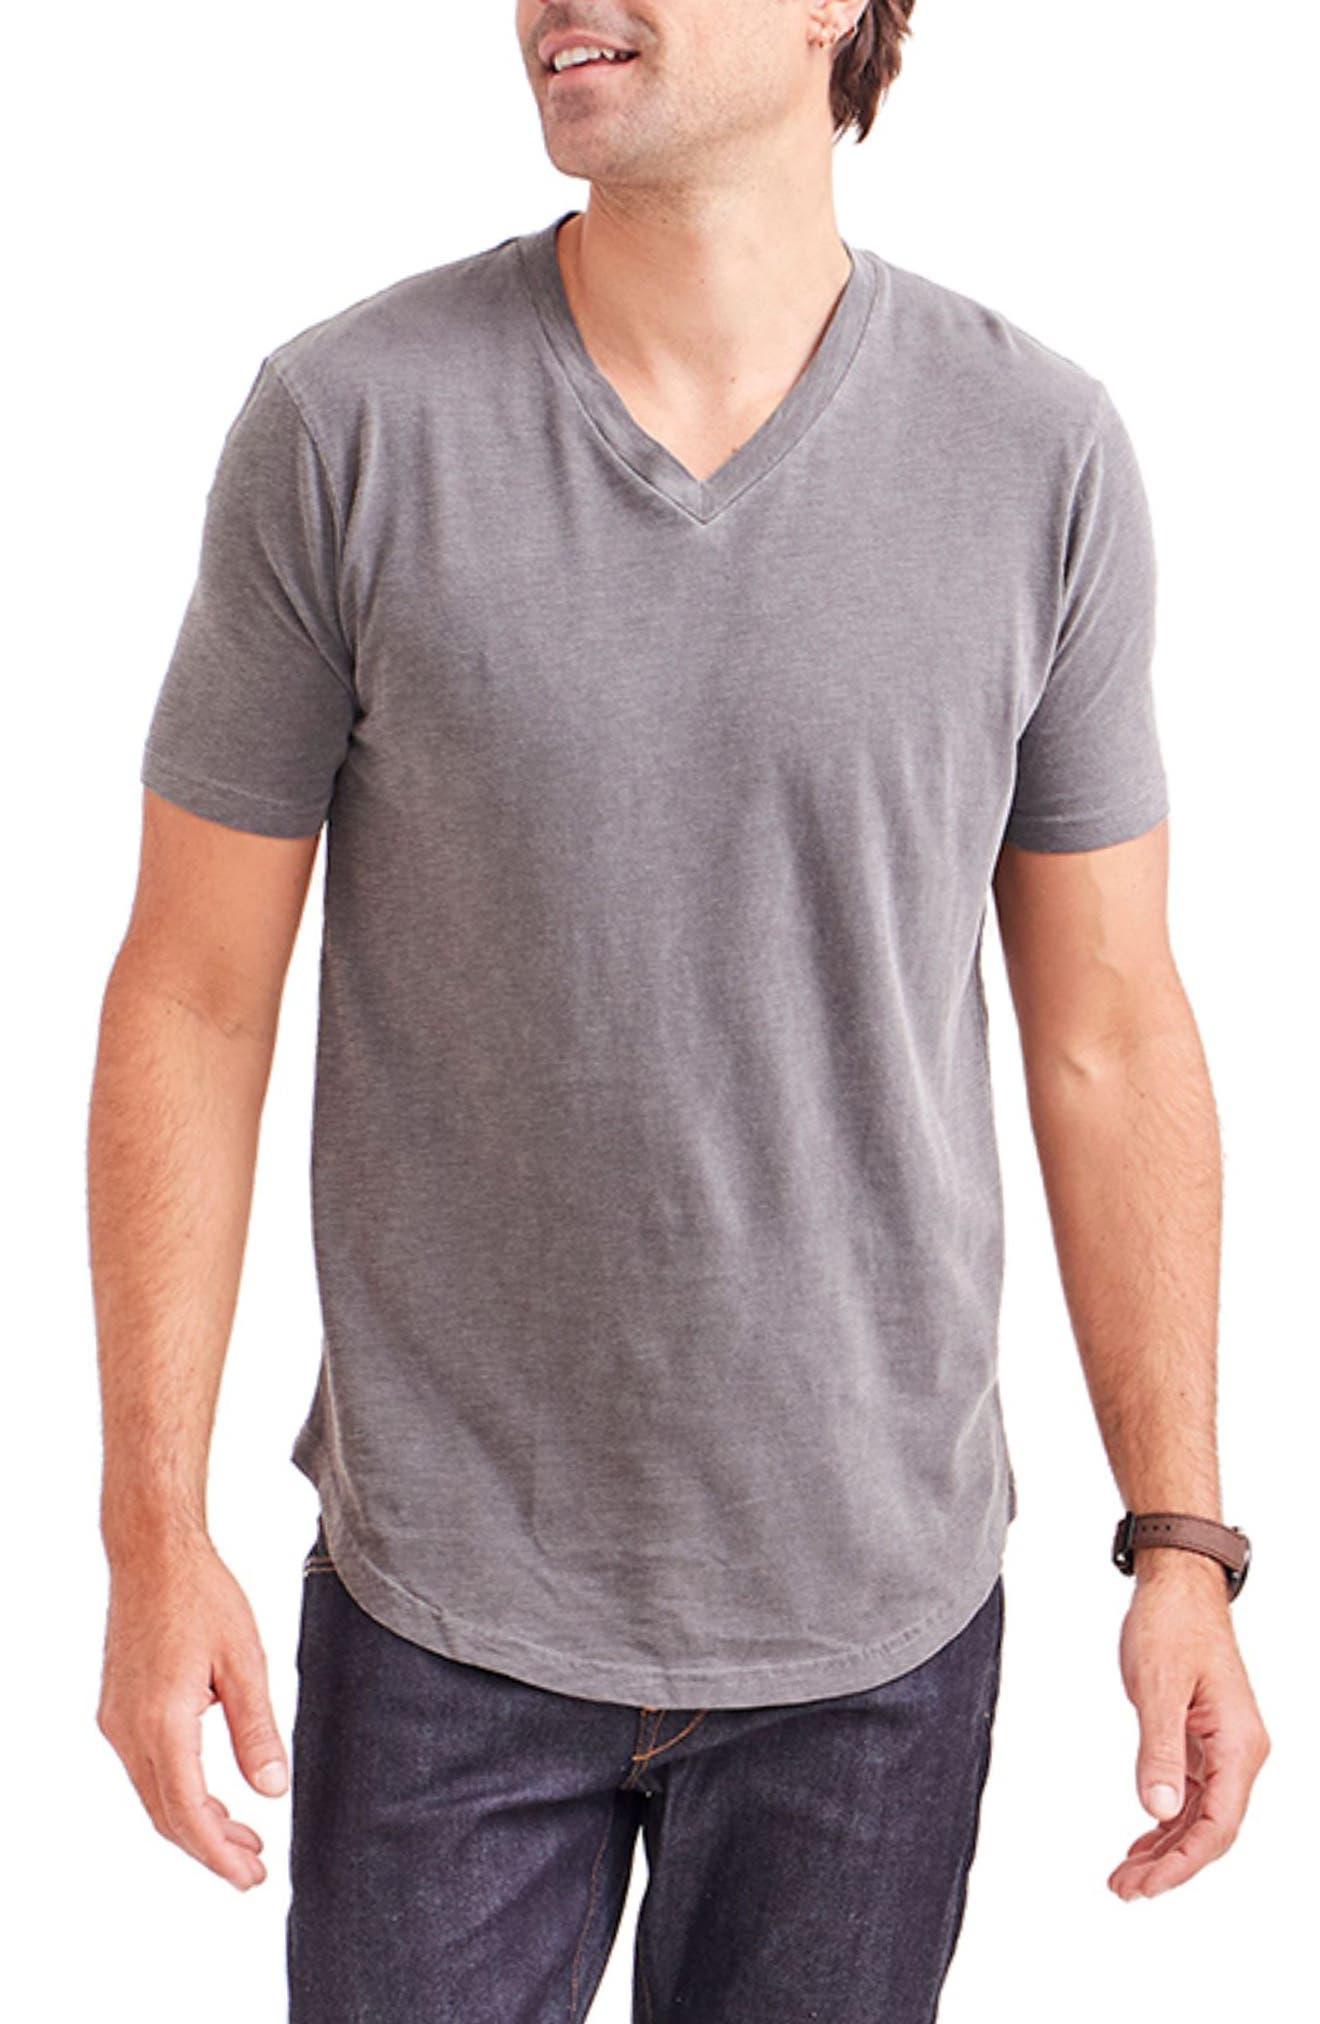 Scallop V-Neck T-Shirt